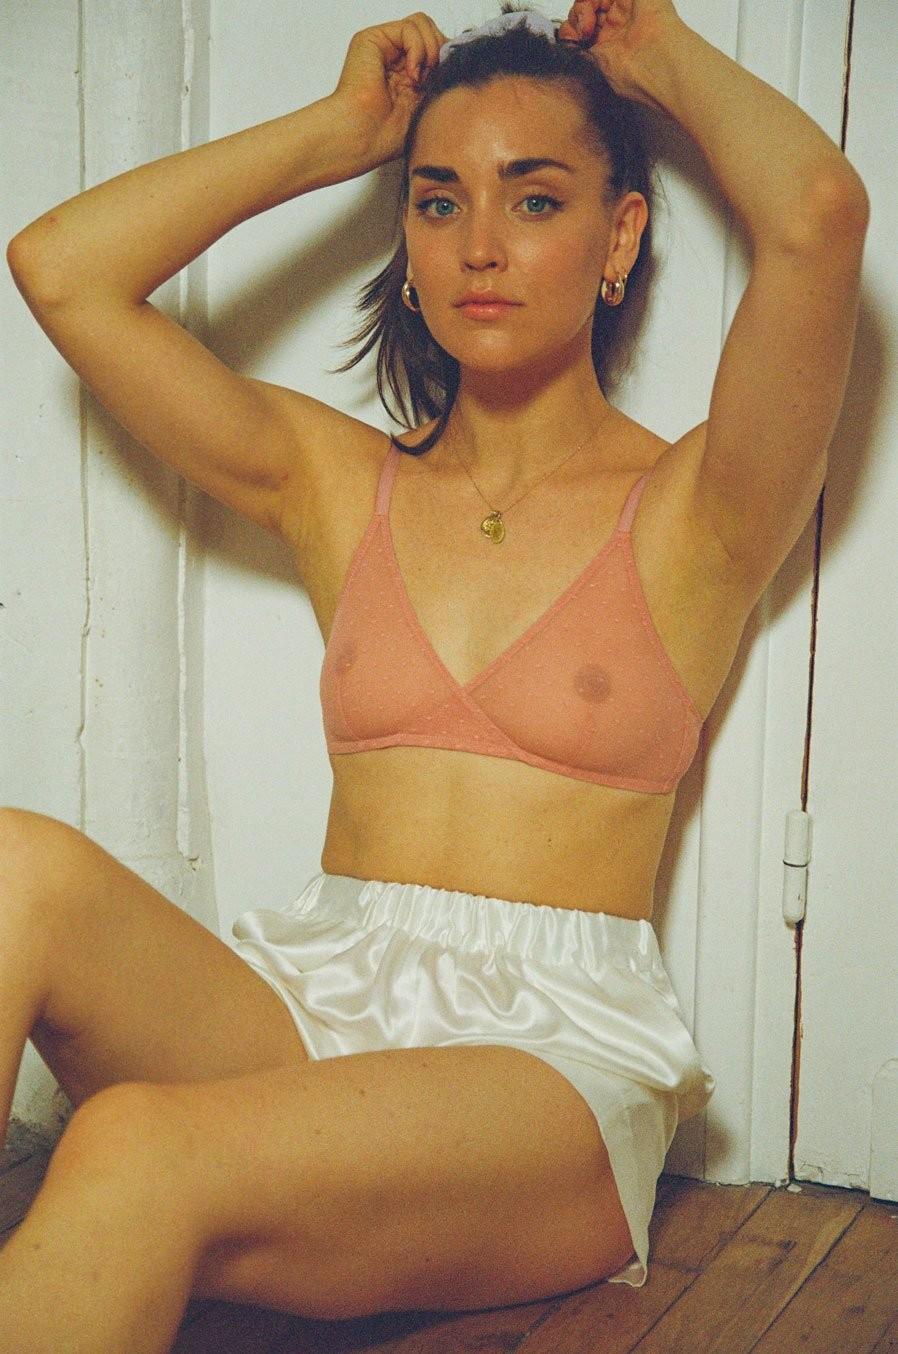 Short irma blanc - Nénés Paris